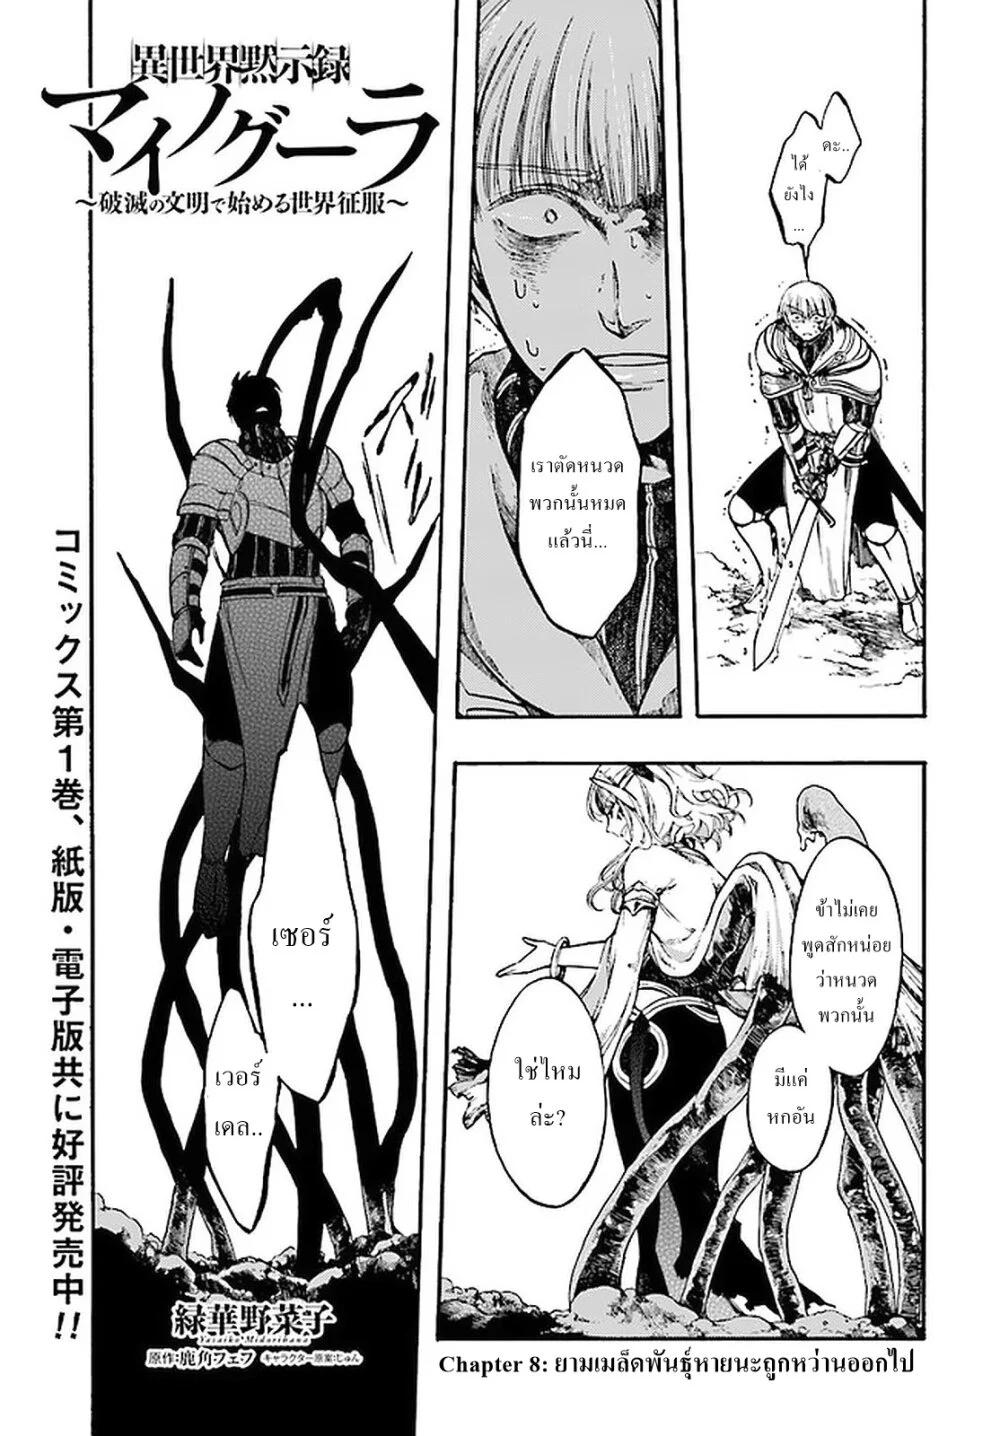 อ่านการ์ตูน Isekai Apocalypse MYNOGHRA ~The Conquest of the World Starts With the Civilization of Ruin~ ตอนที่ 8 หน้าที่ 1